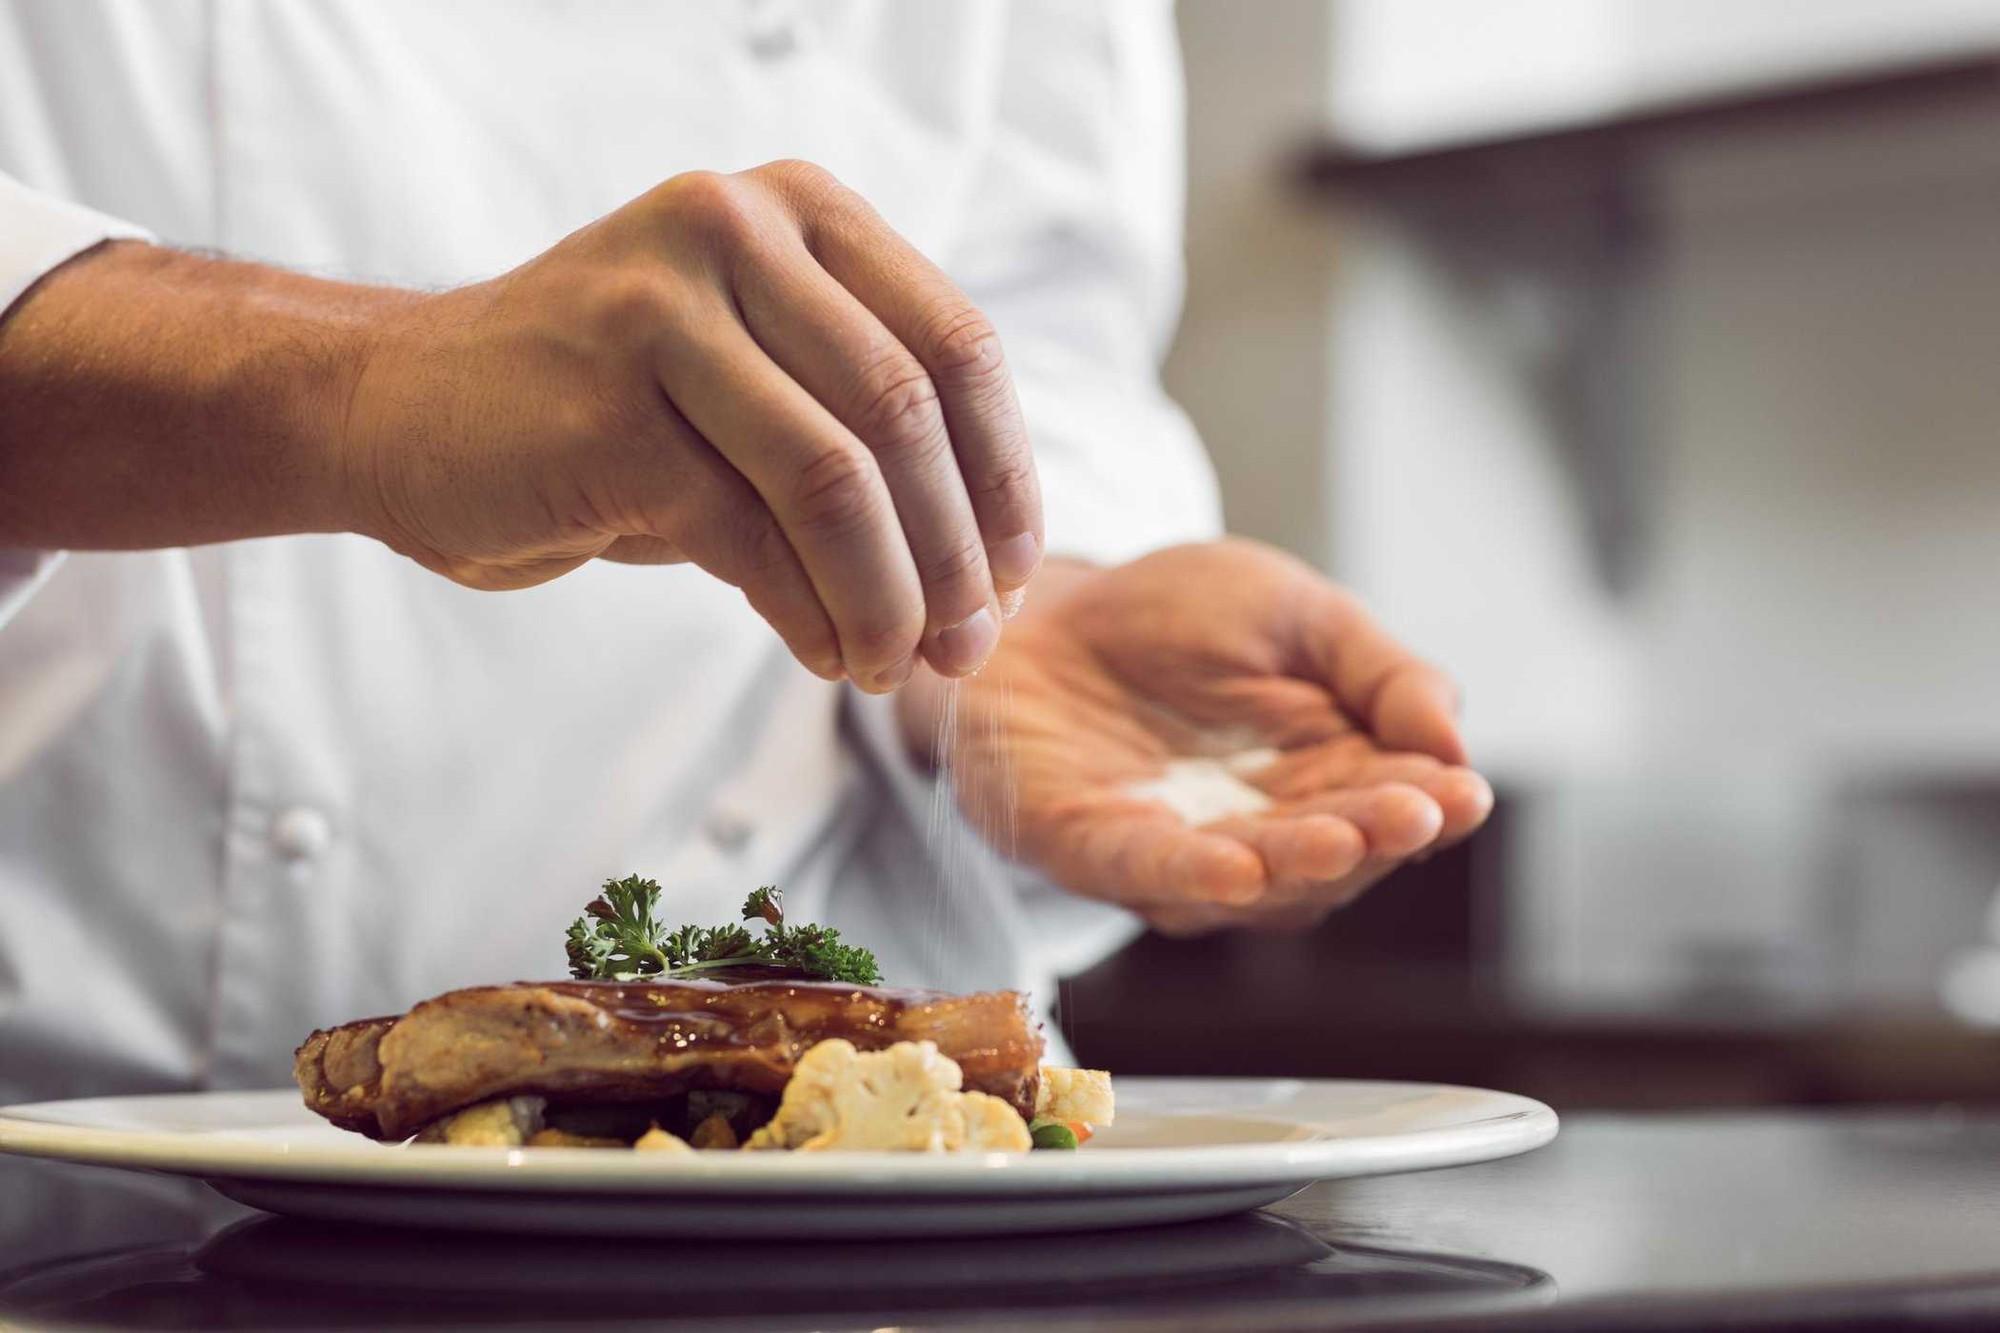 5 lưu ý nhỏ trong việc ăn uống giúp bạn giảm bớt được mỡ thừa ở vòng 2 - Ảnh 1.